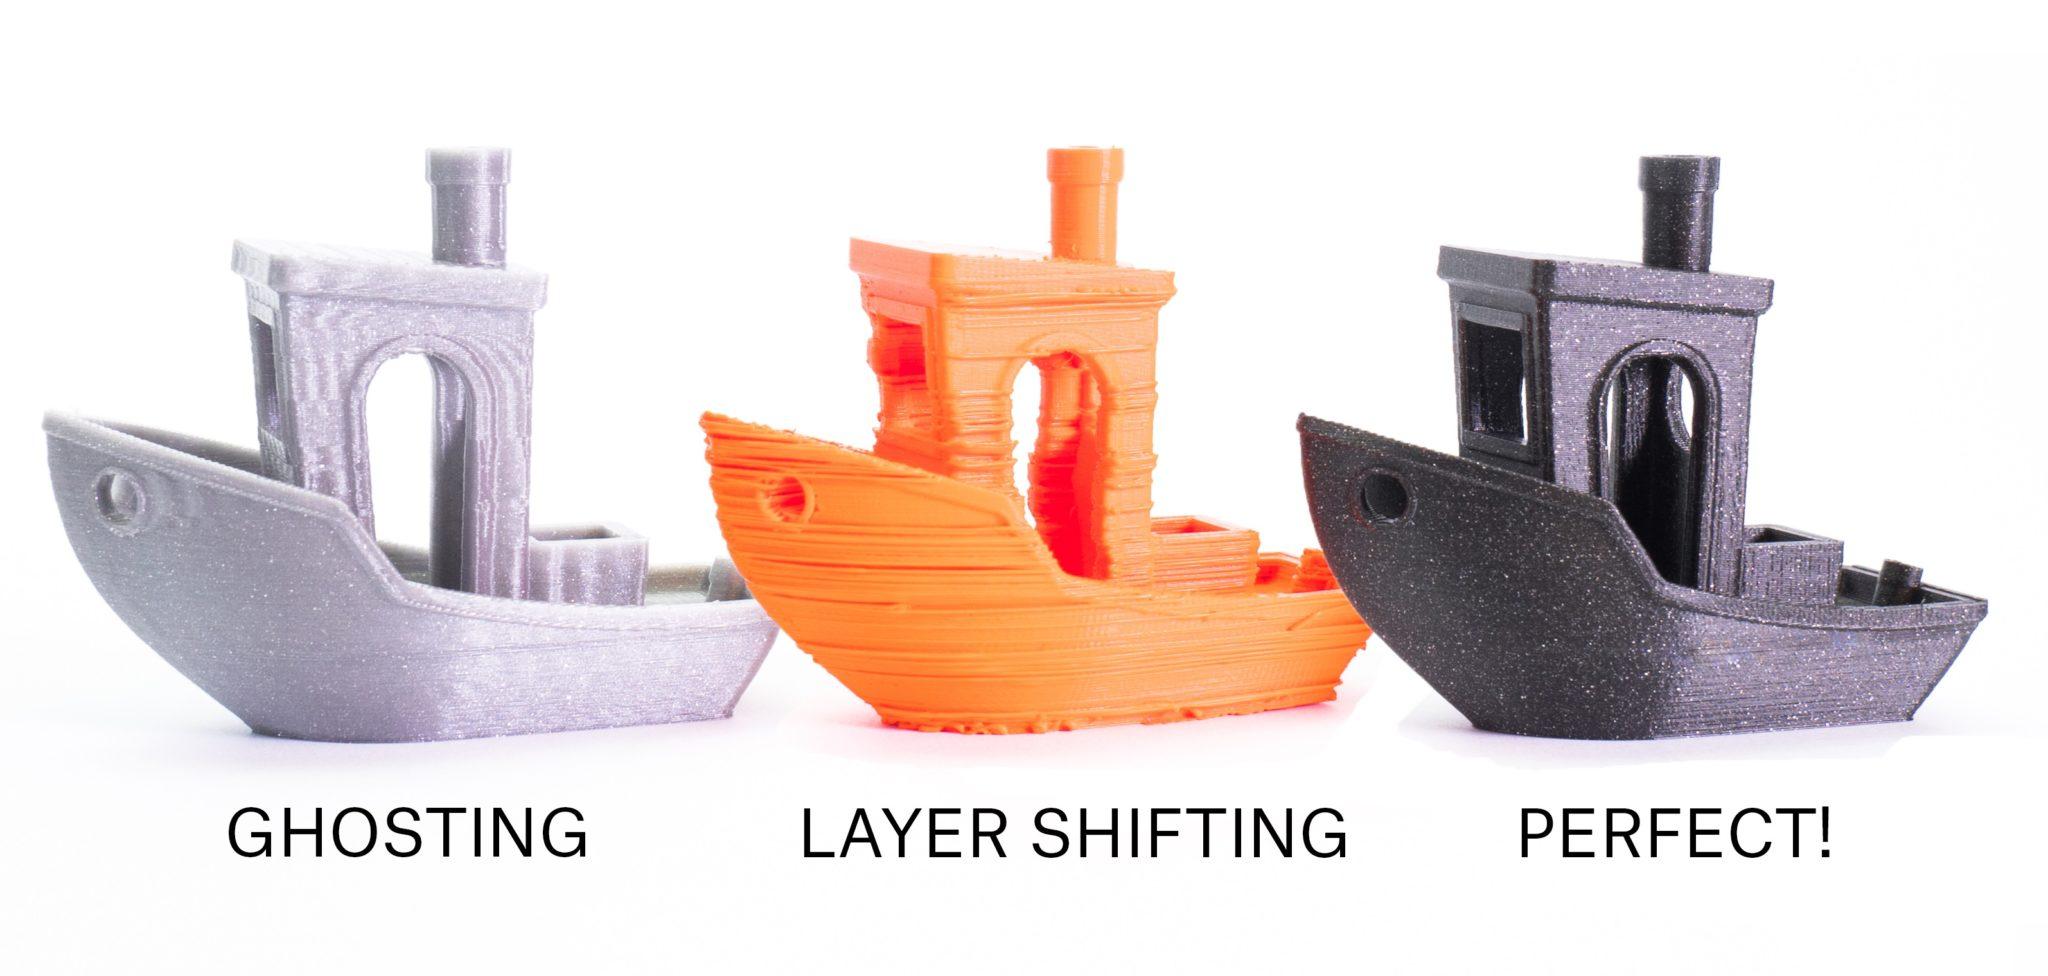 Tiskne vaše nově sestavená tiskárna Original Prusa i3 MK3 jak nejlépe umí?